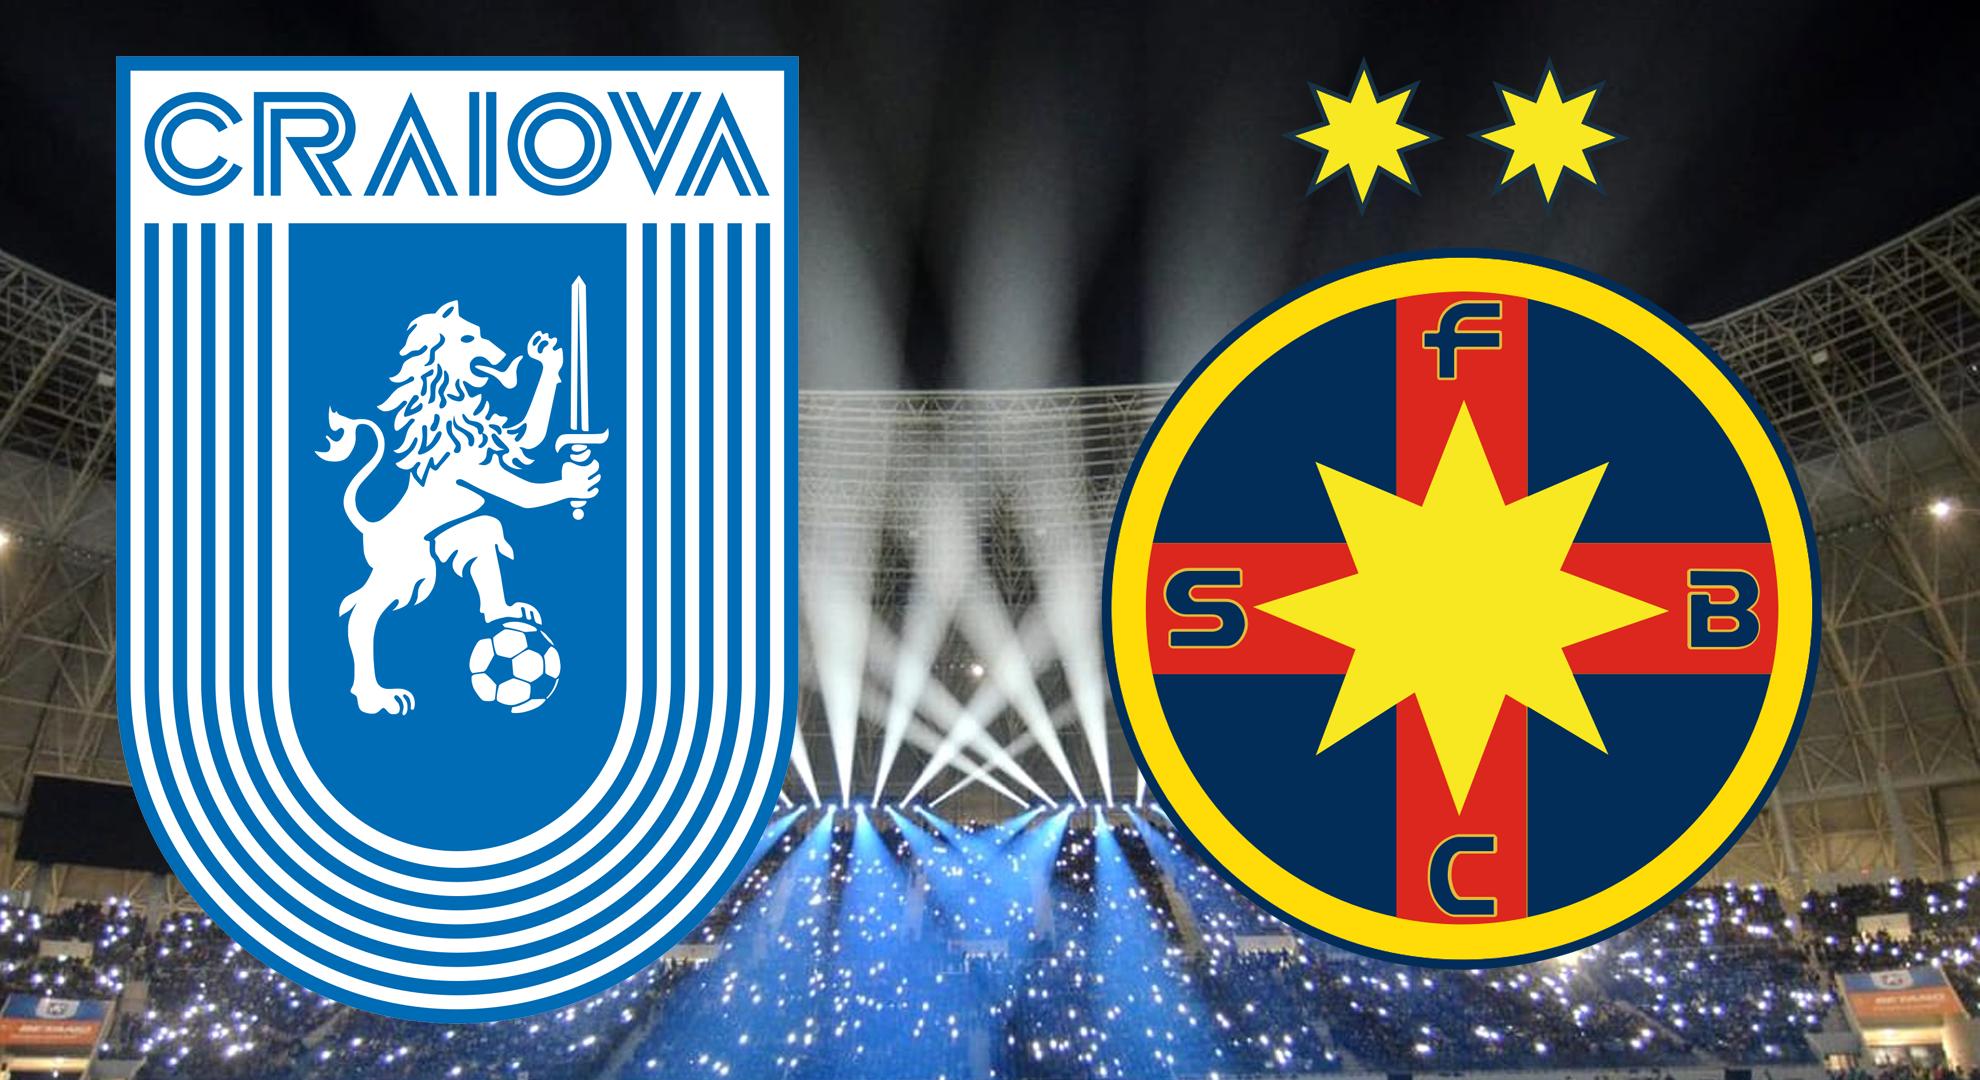 Universitatea Craiova - FCSB Scor 0-0. Live video & text! Lovitura dată de Steaua